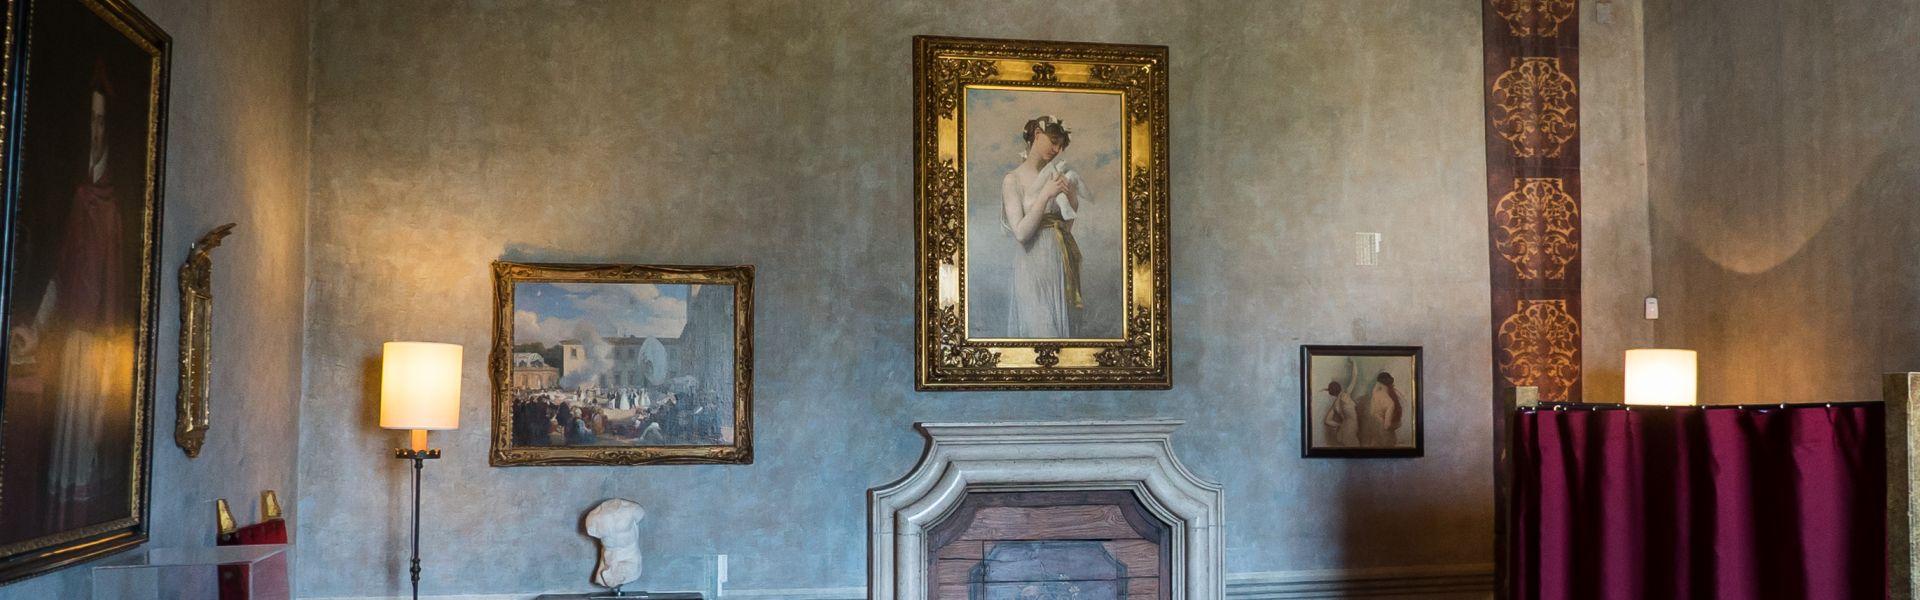 dipartimento di storia dell'arte